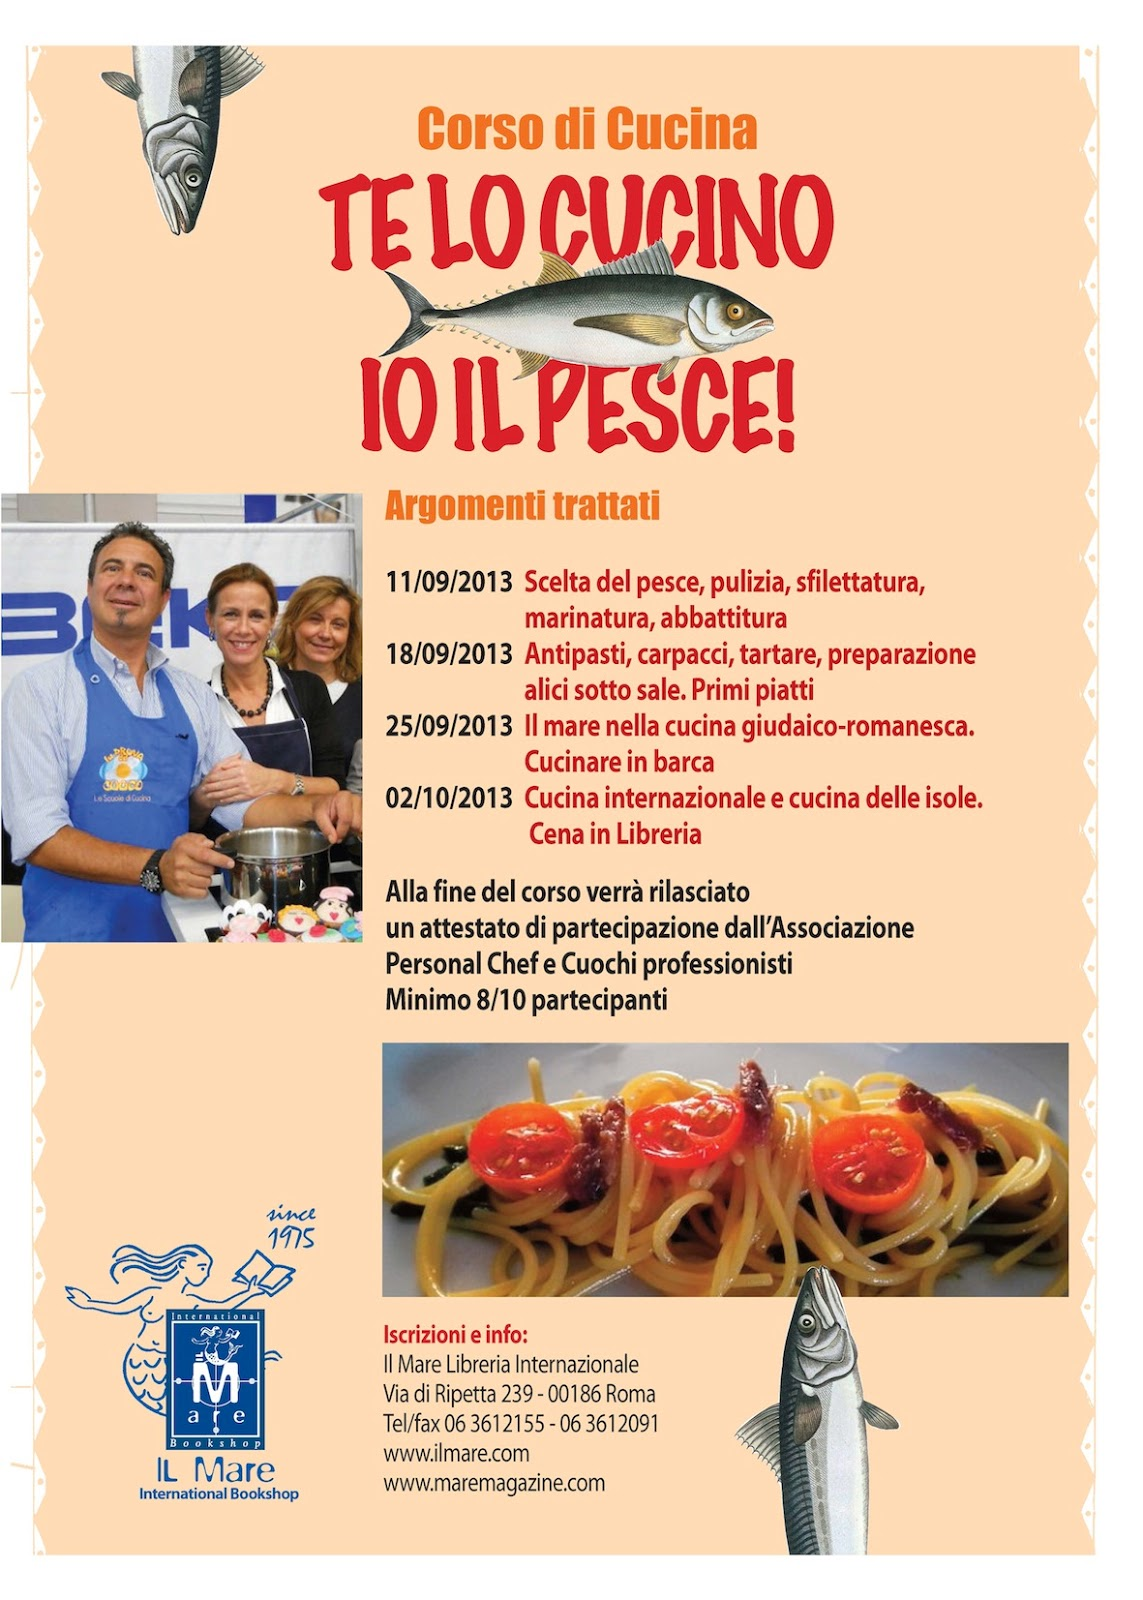 Libreria internazionale il mare agosto 2013 for Cucina giudaico romanesca